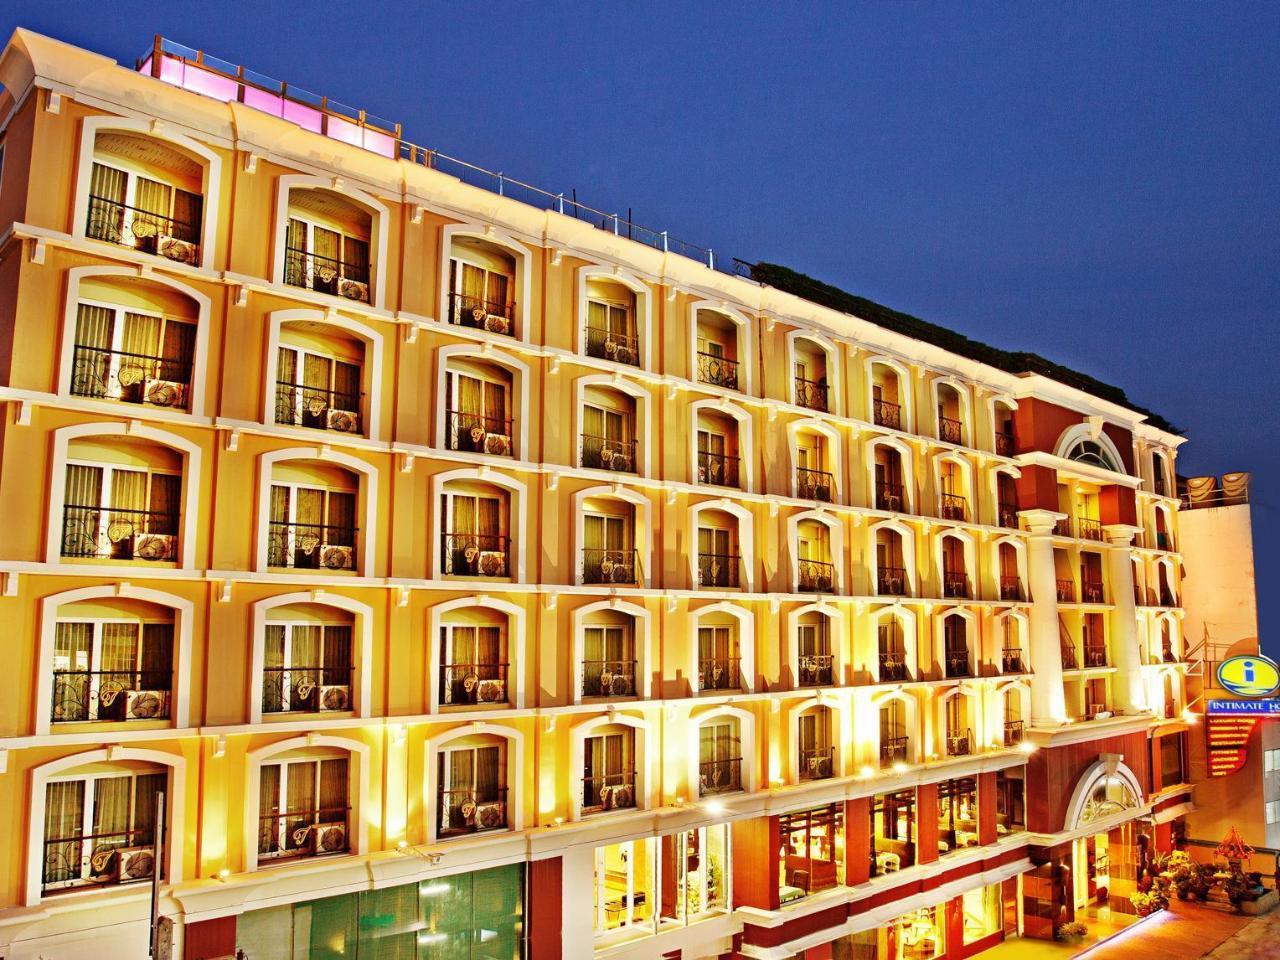 โรงแรมอินทิเมท (Intimate Hotel)